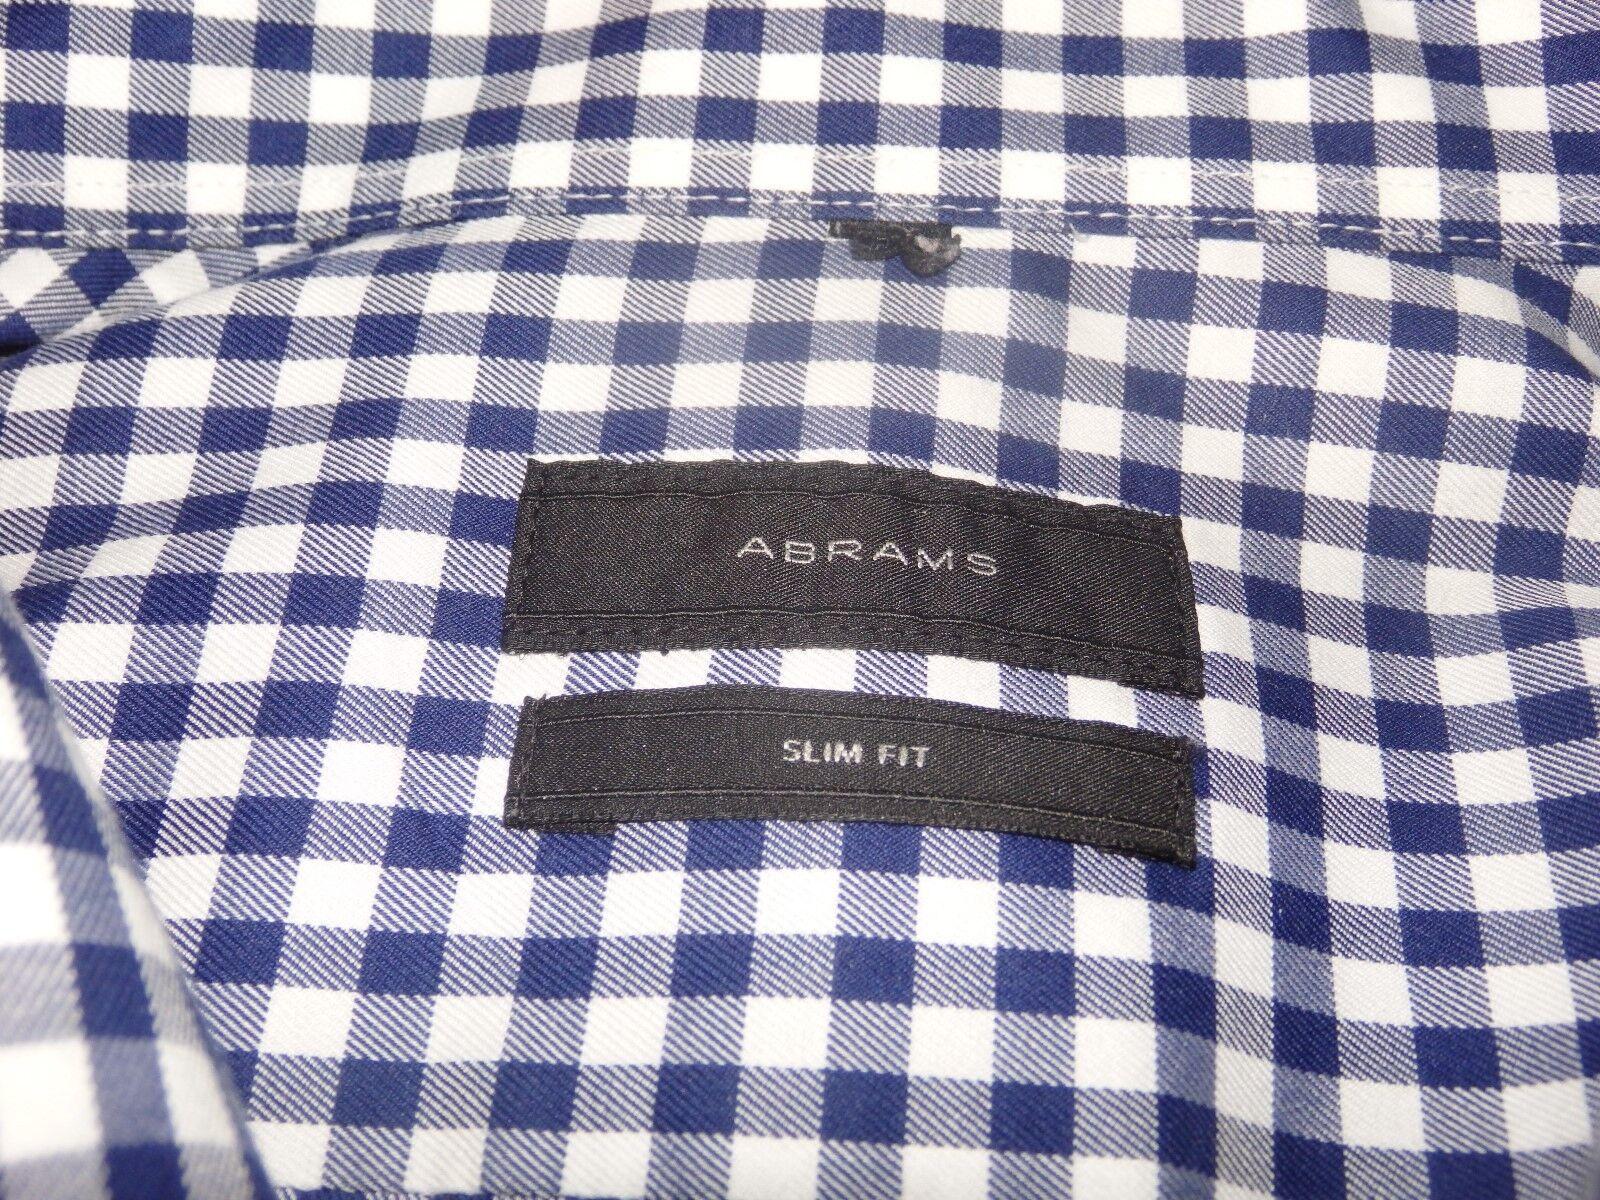 Businesshemd Abrams 43 44 Slim fit blau weiss kariert    Modern Und Elegant In Der Mode